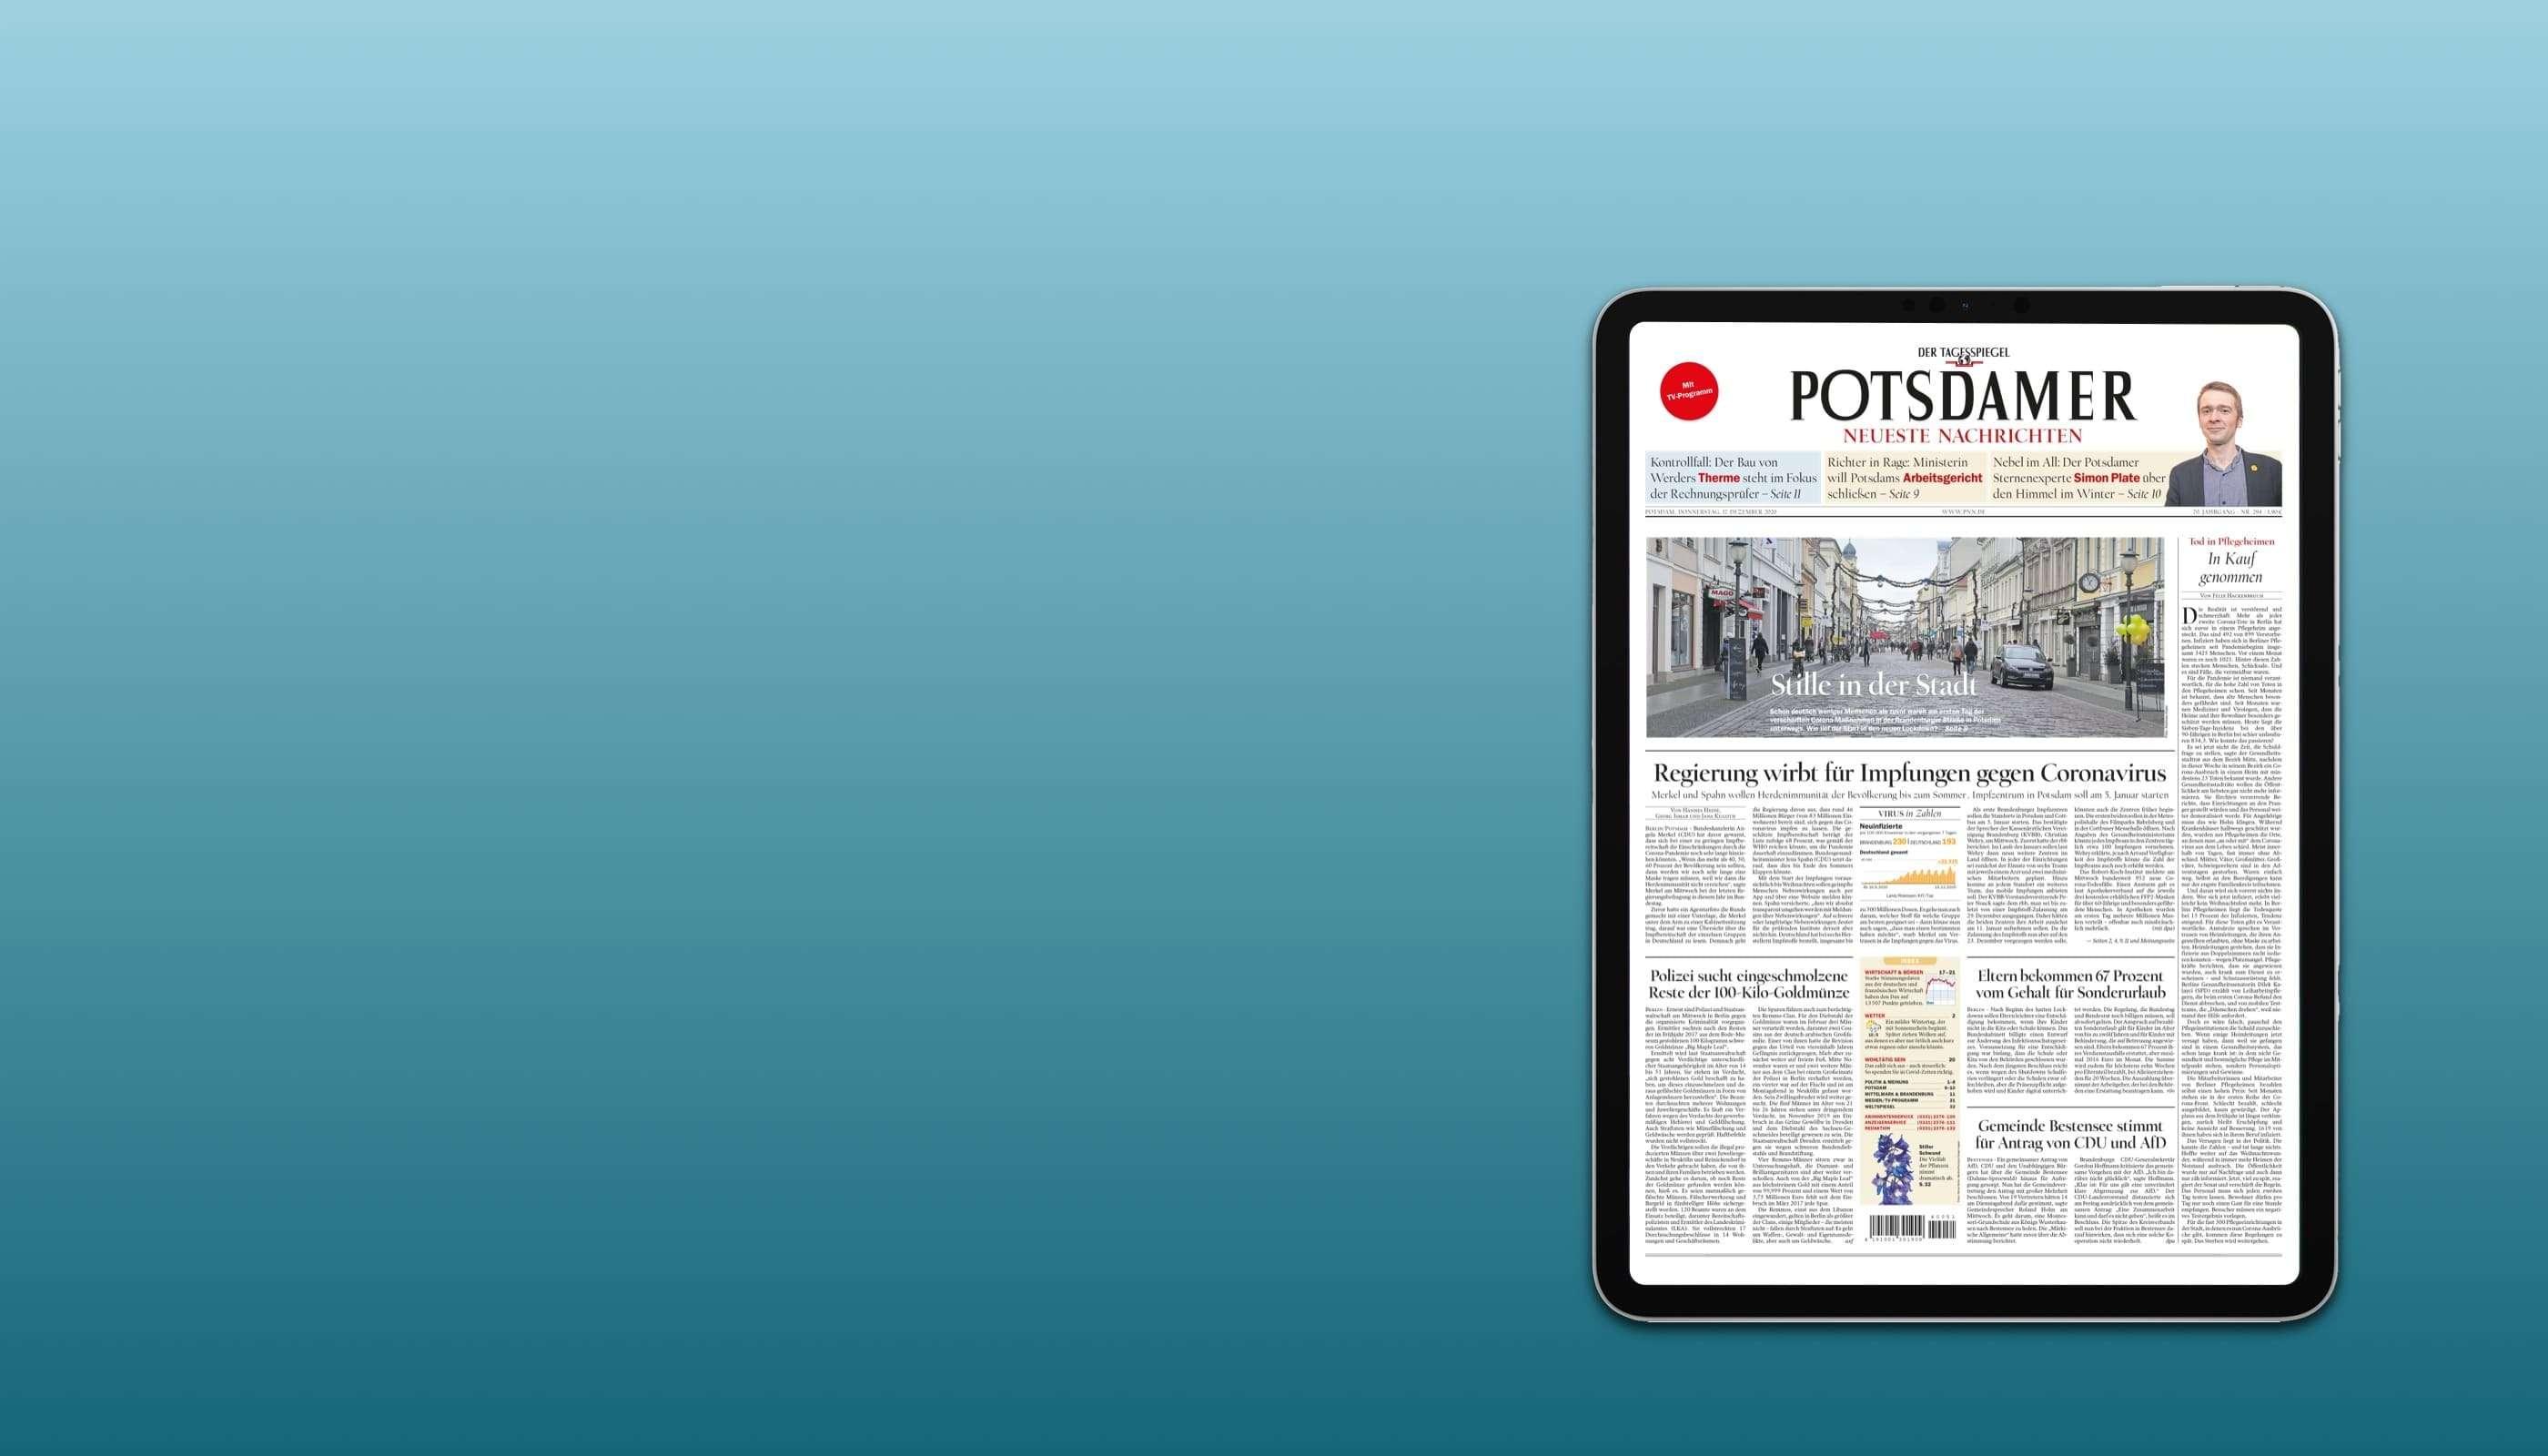 PNN lesen. iPad 2020 geschenkt.